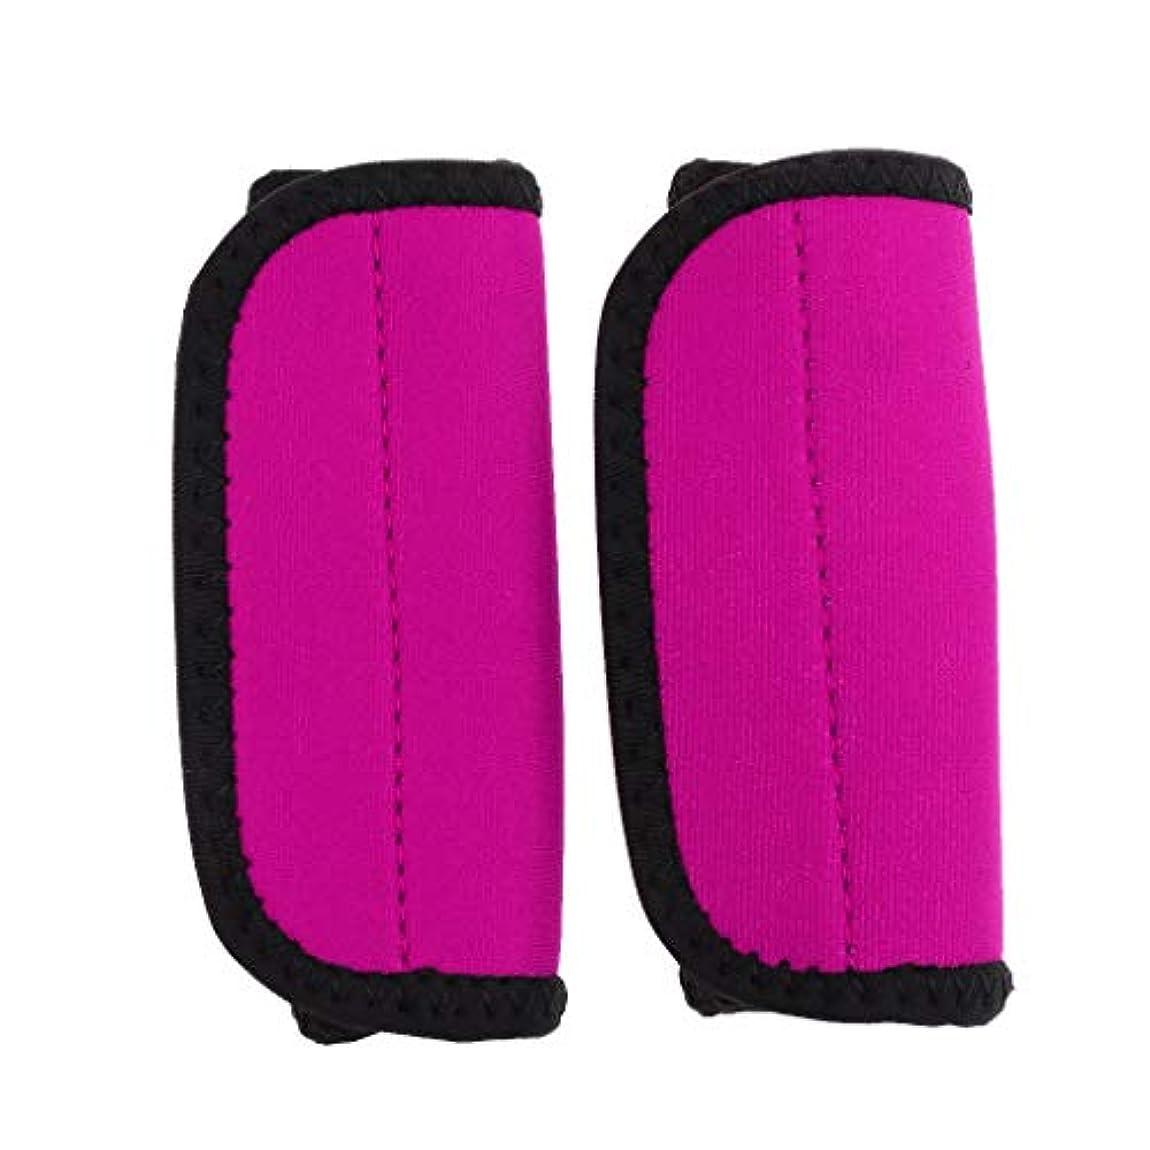 ヒープ余分なそのようなファスニングテープで2個カヤックパドルグリップ防止カヤックカヌーパドルアクセサリーのためのこすり水疱スーツ